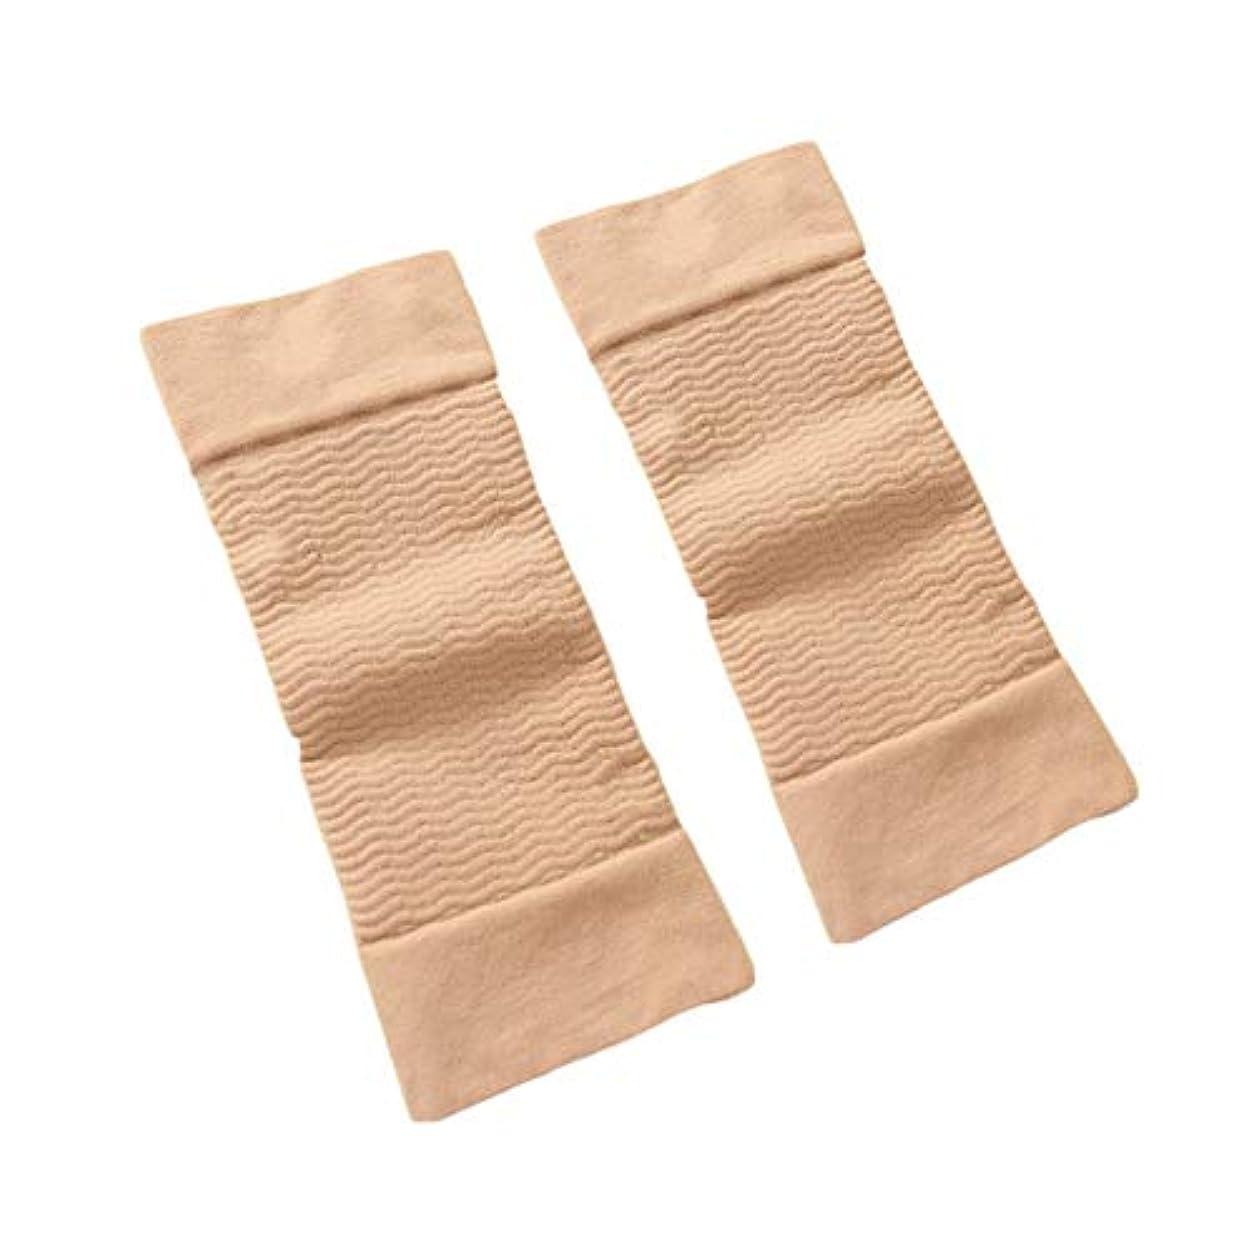 昼間後ろにレキシコン1ペア420 D圧縮痩身アームスリーブワークアウトトーニングバーンセルライトシェイパー脂肪燃焼袖用女性 - 肌色